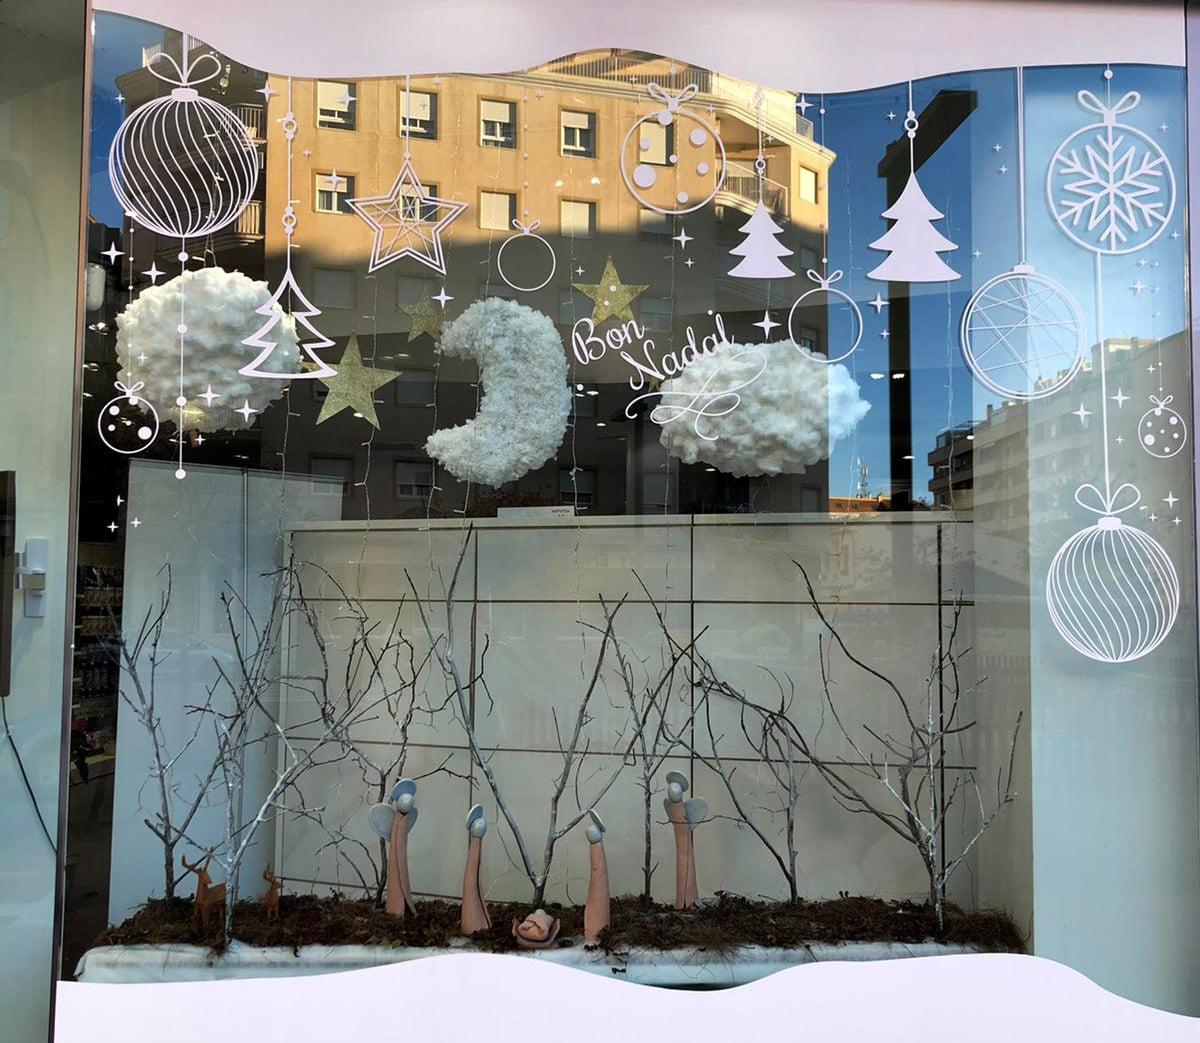 Escaparate ganador del concurso de decoración de Navidad 2020